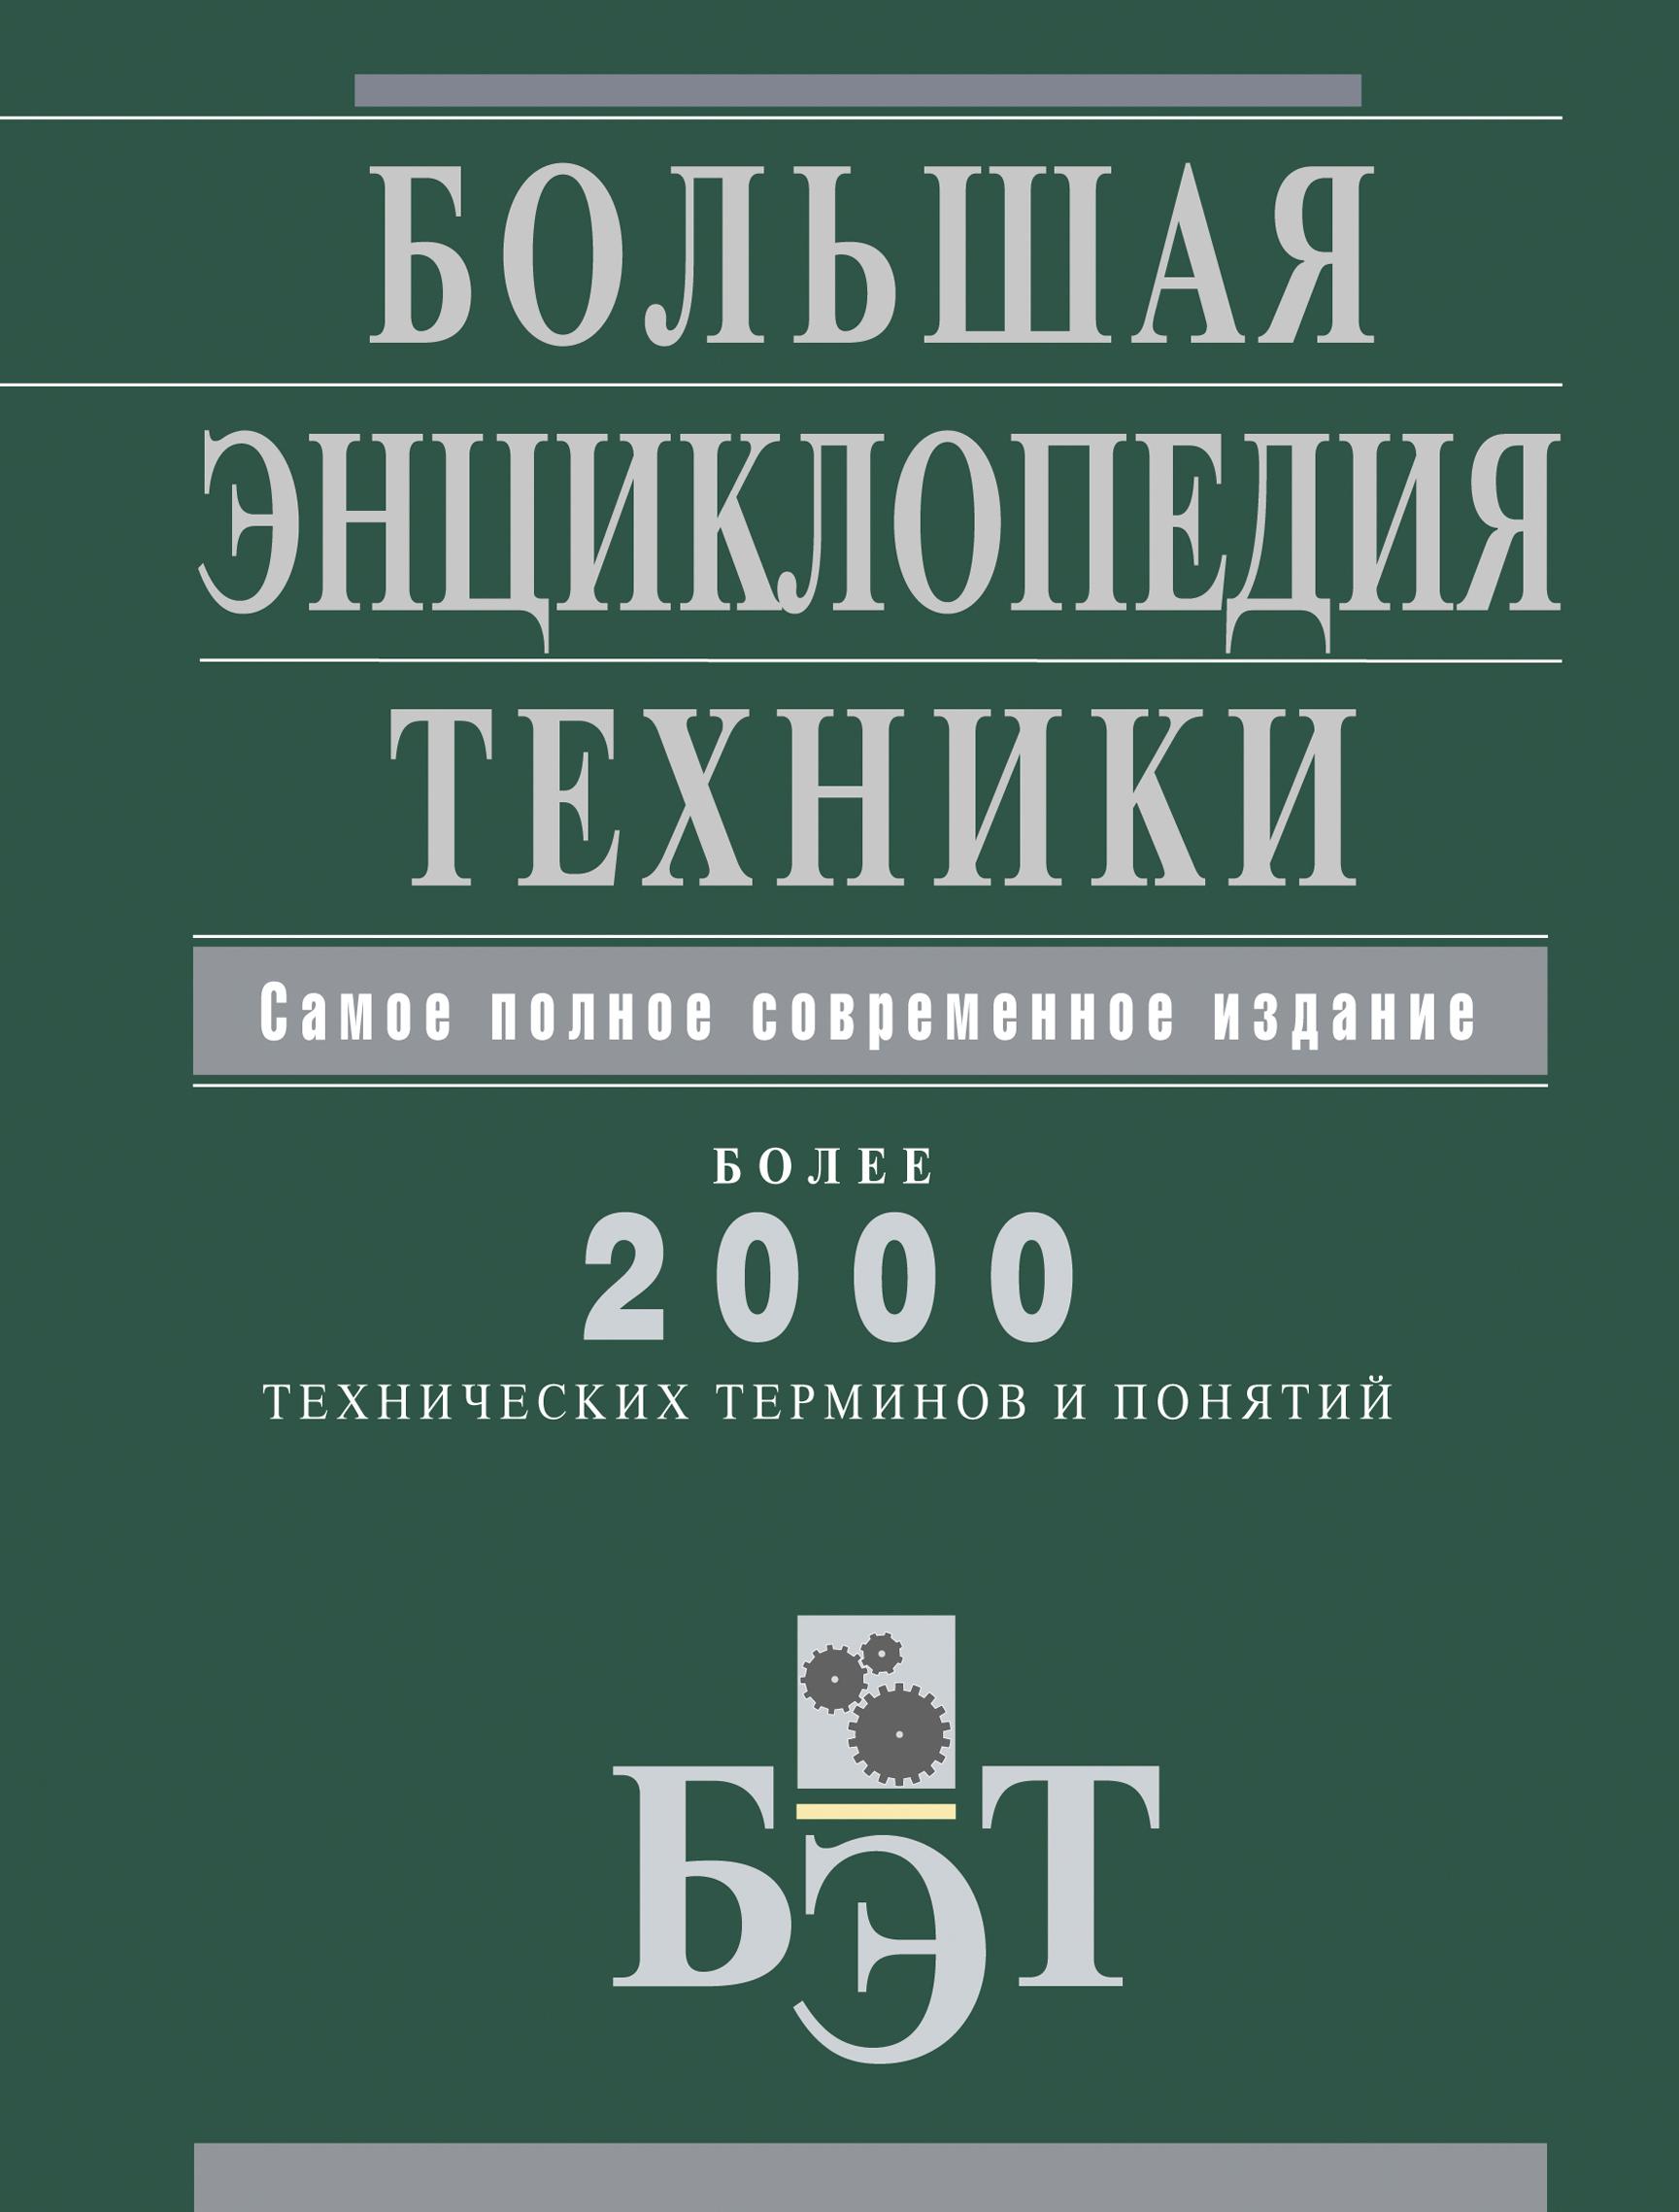 Большая энциклопедия техники от book24.ru